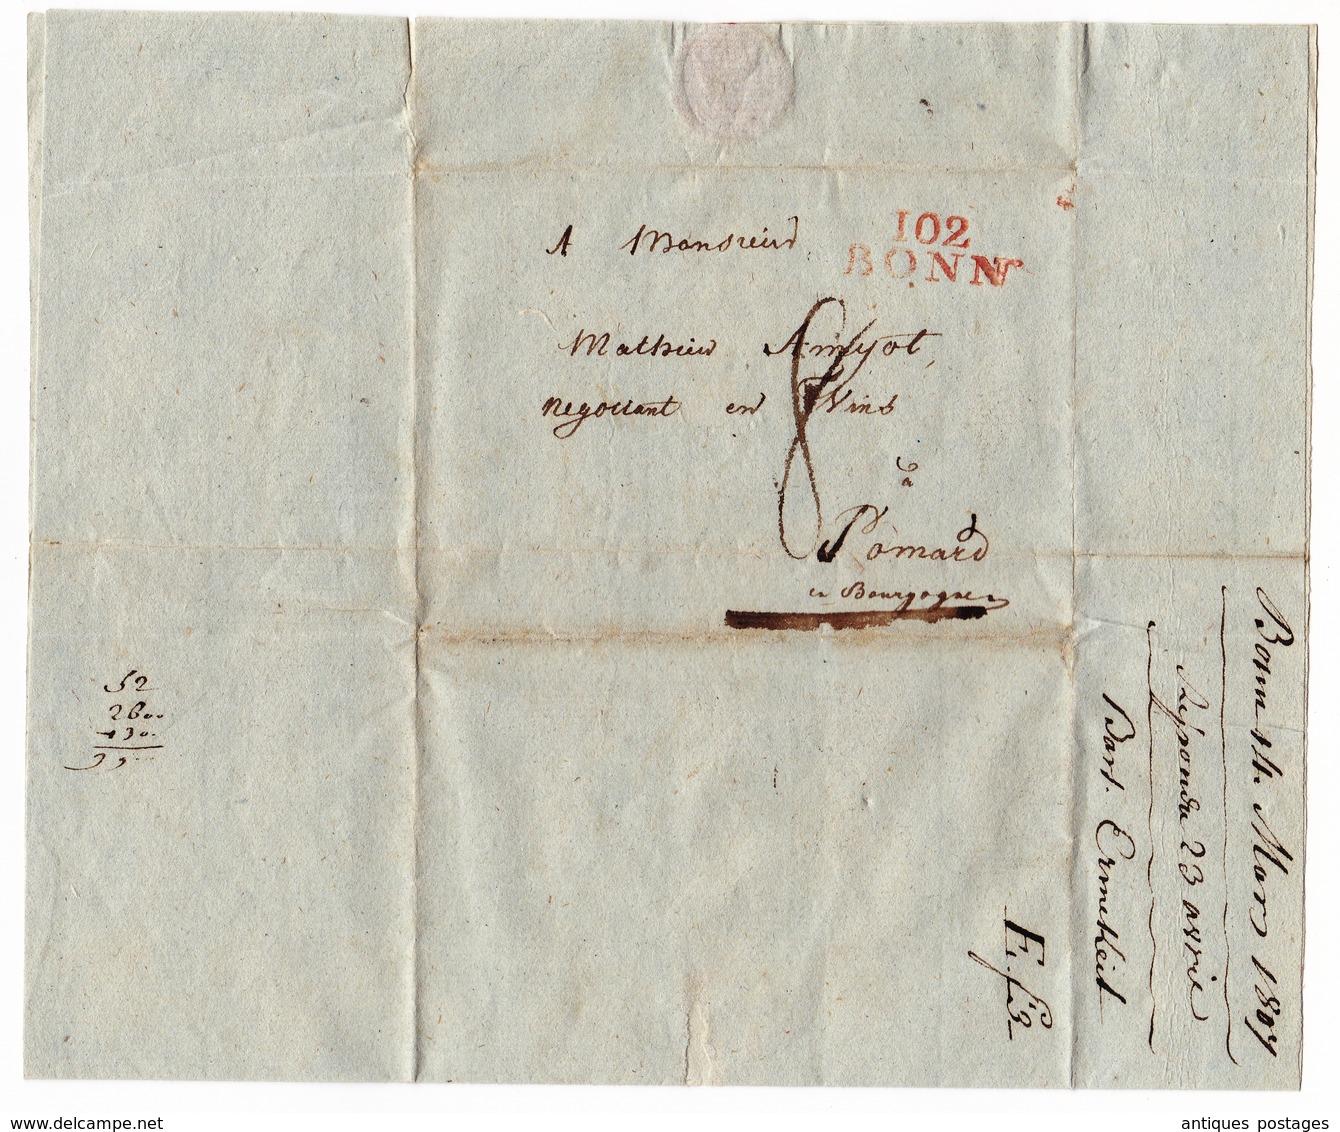 Département Conquis Rhin Et Moselle Bonn Mathieu Amyot Amiot Pommard Vin De Bourgogne Burgundy Wine - 1792-1815: Départements Conquis